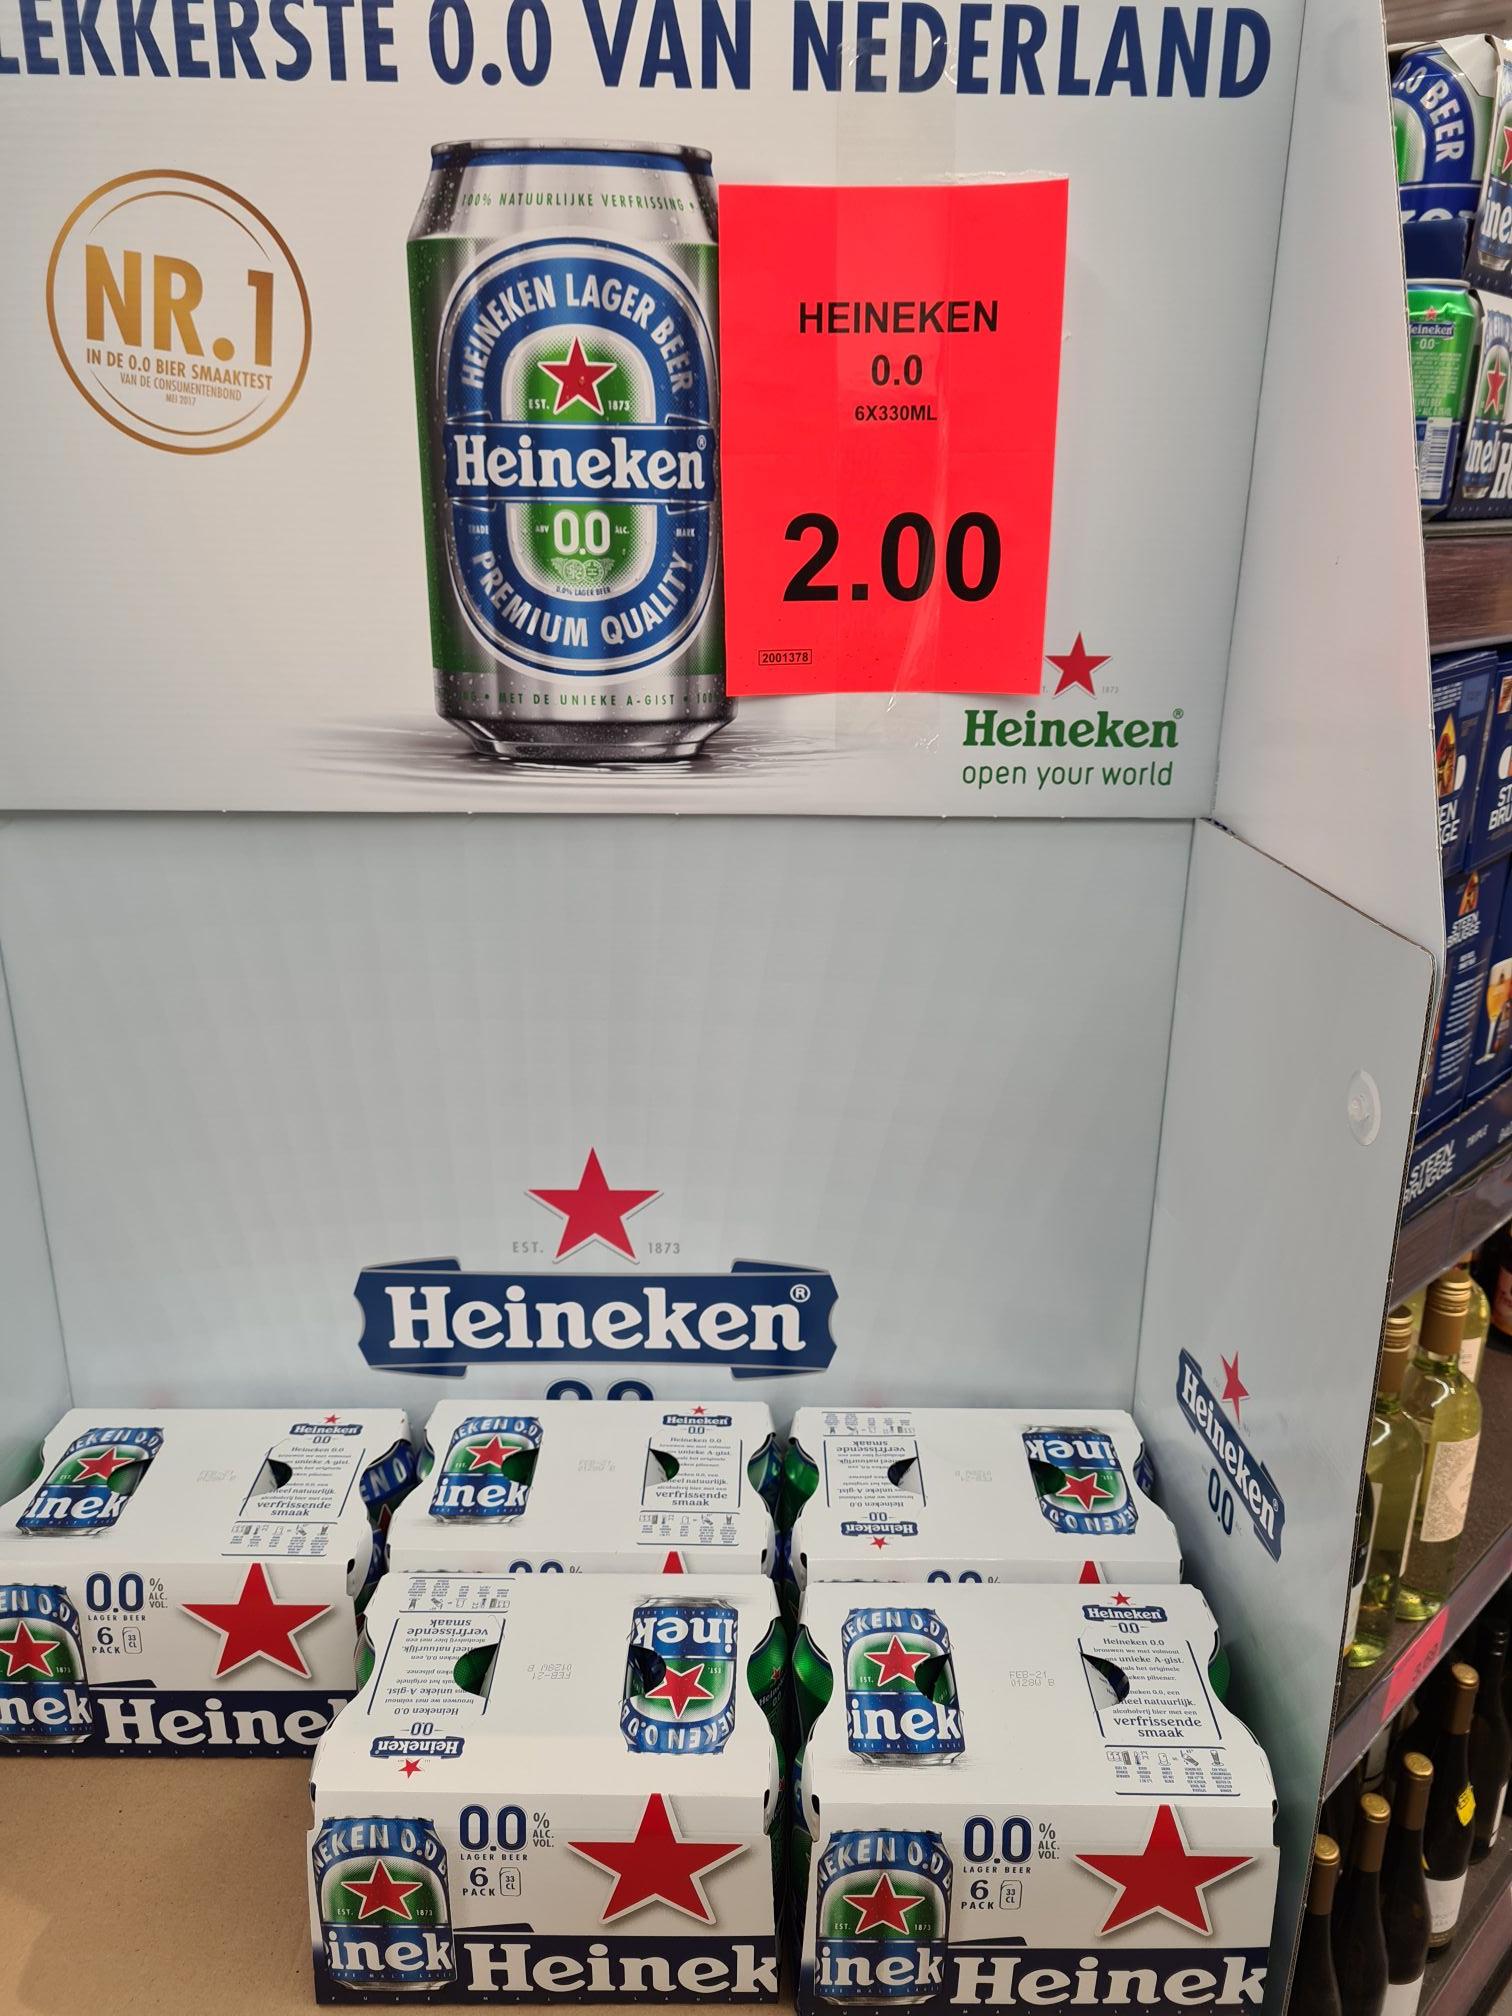 Lokaal? ALDI Veendam Heineken 0.0